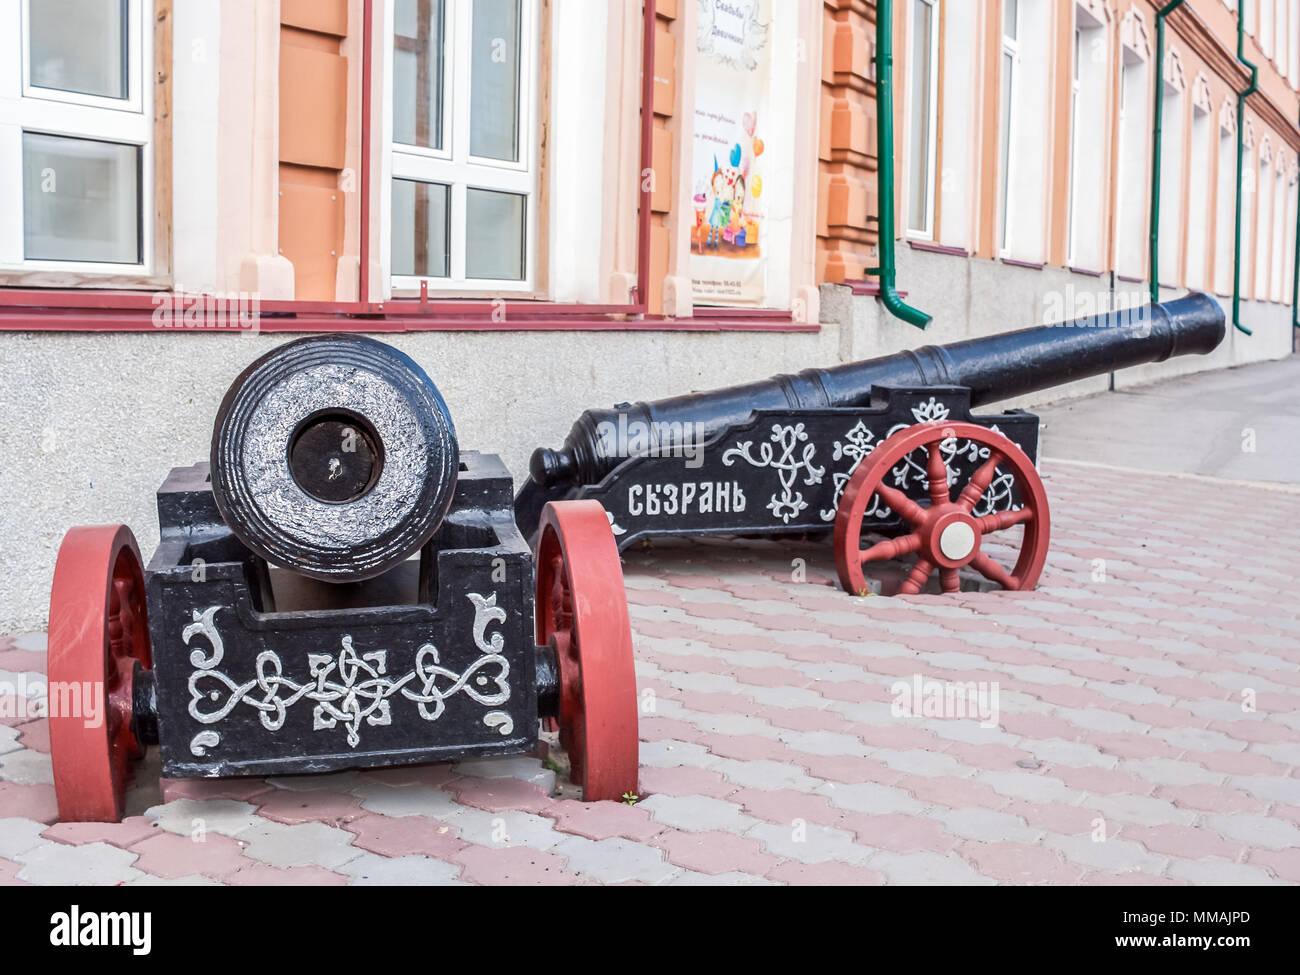 Syzran', Russland - August 16,2016: Zwei schwarze Kanonen mit roten Räder als Installation in der Nähe der Stadt lore Museum. Stockbild